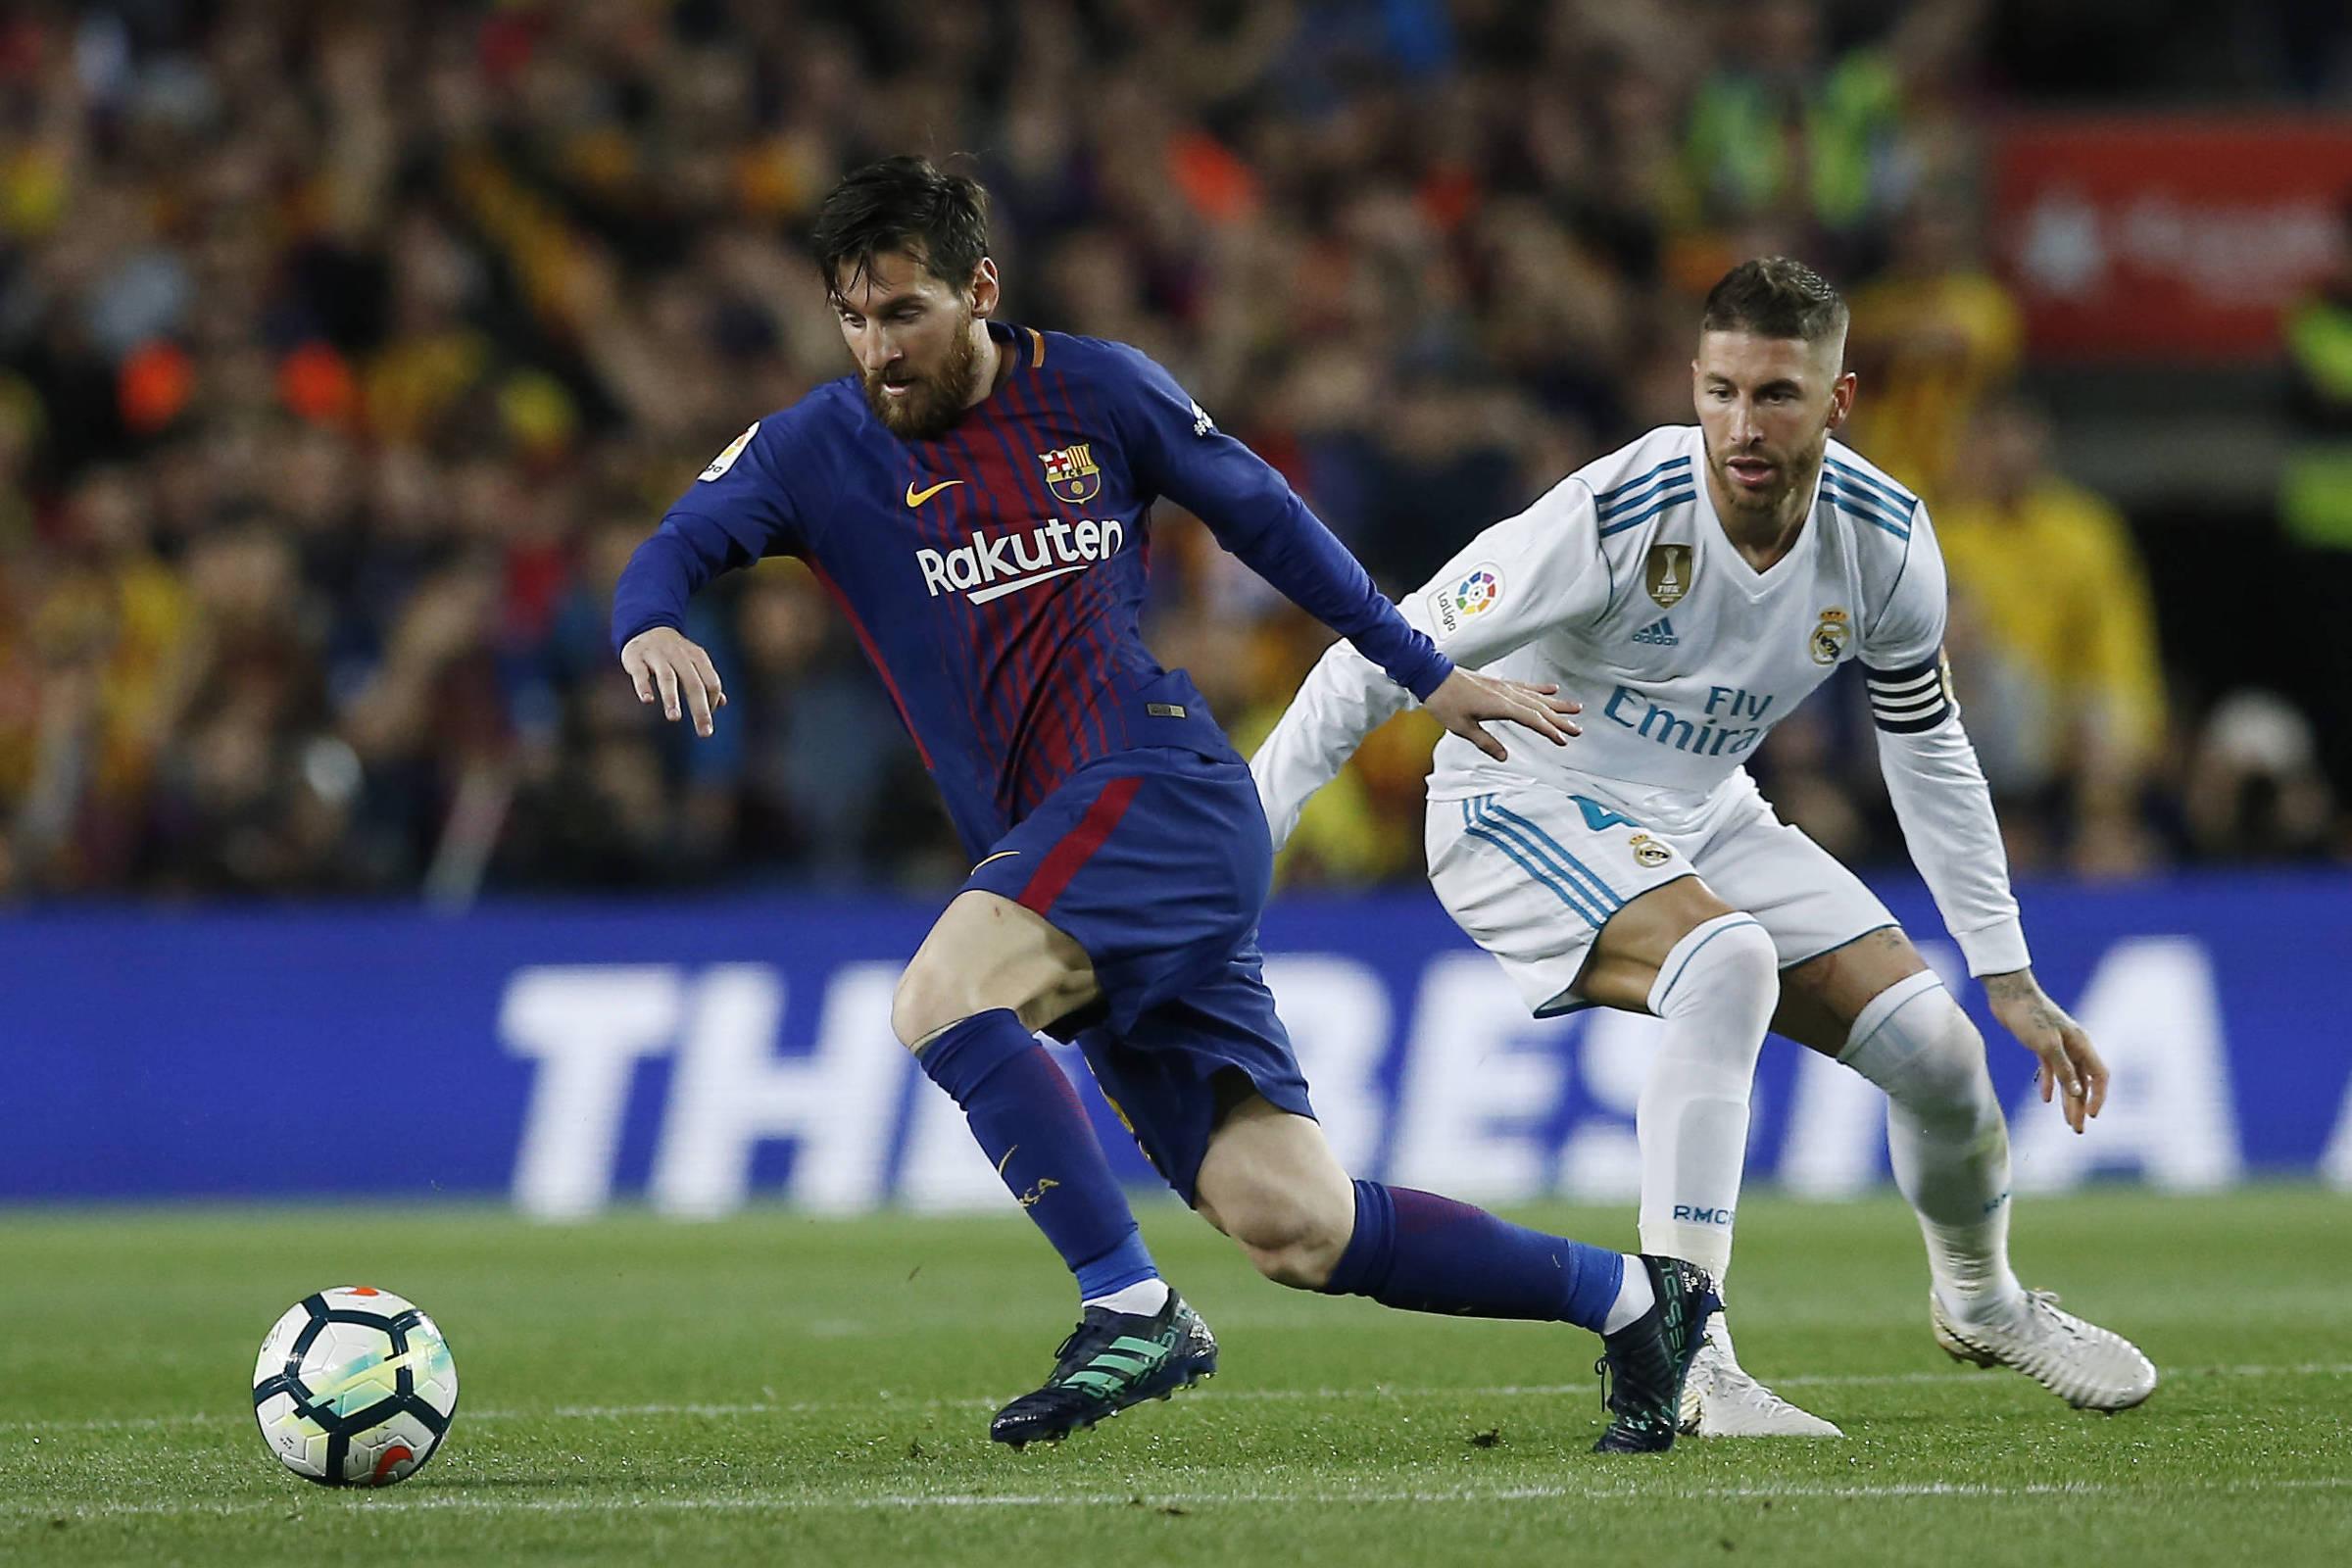 Campeonato Espanhol assina acordo para ter jogos nos Estados Unidos -  16 08 2018 - Esporte - Folha ae4e548797f95